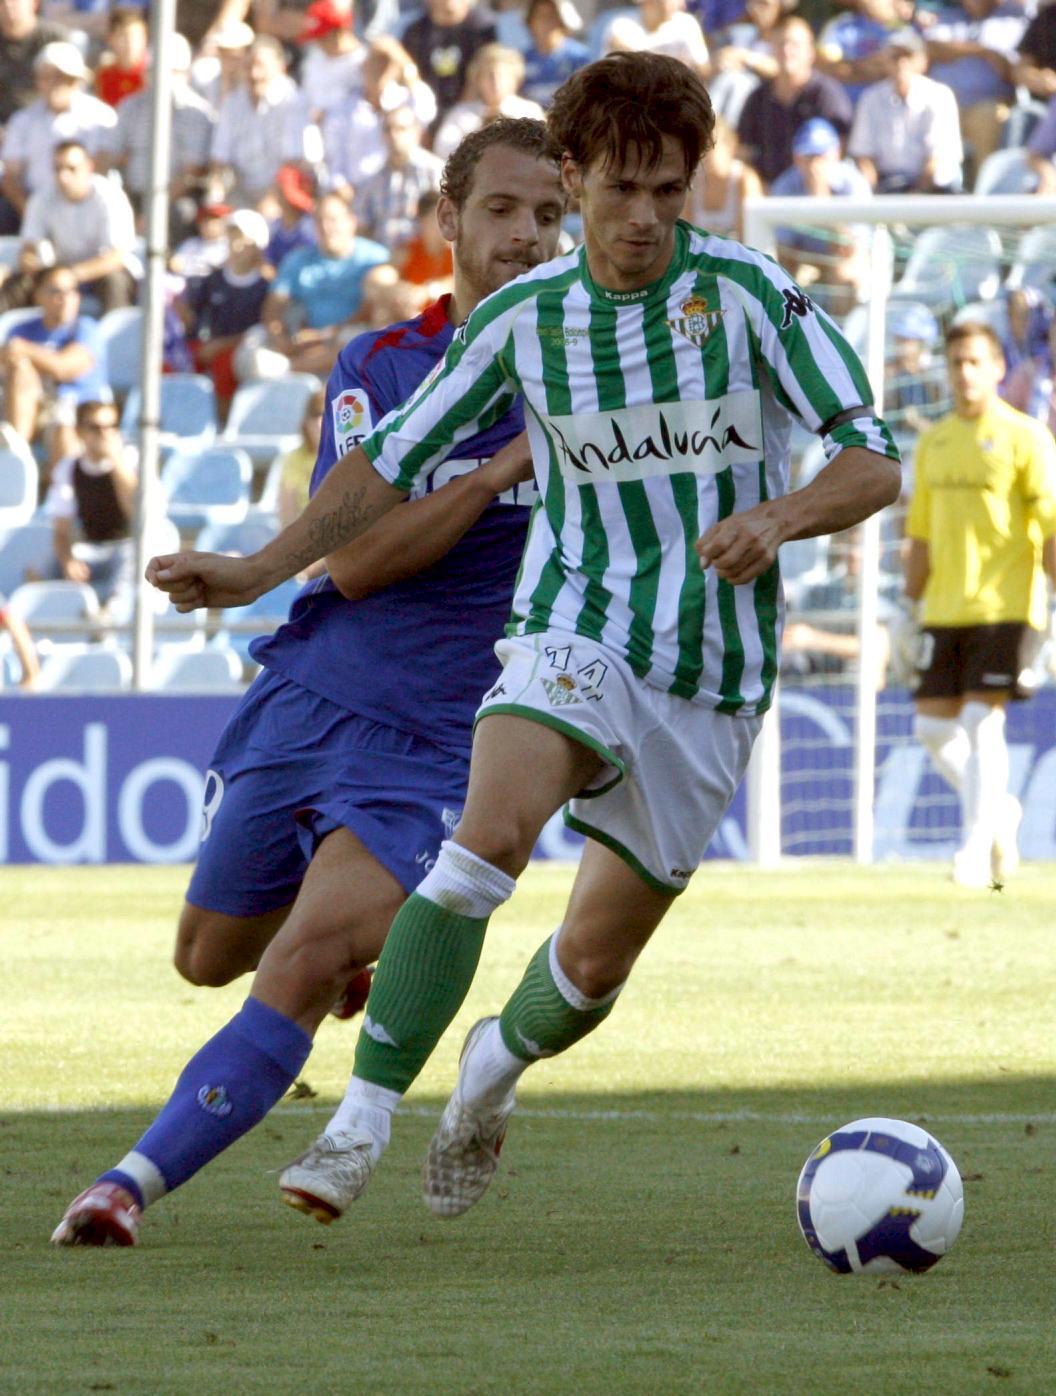 Capi controla un balón frente a Soldado en un Getafe-Betis de la temporada 2008/2009 (Archivo 20minutos).